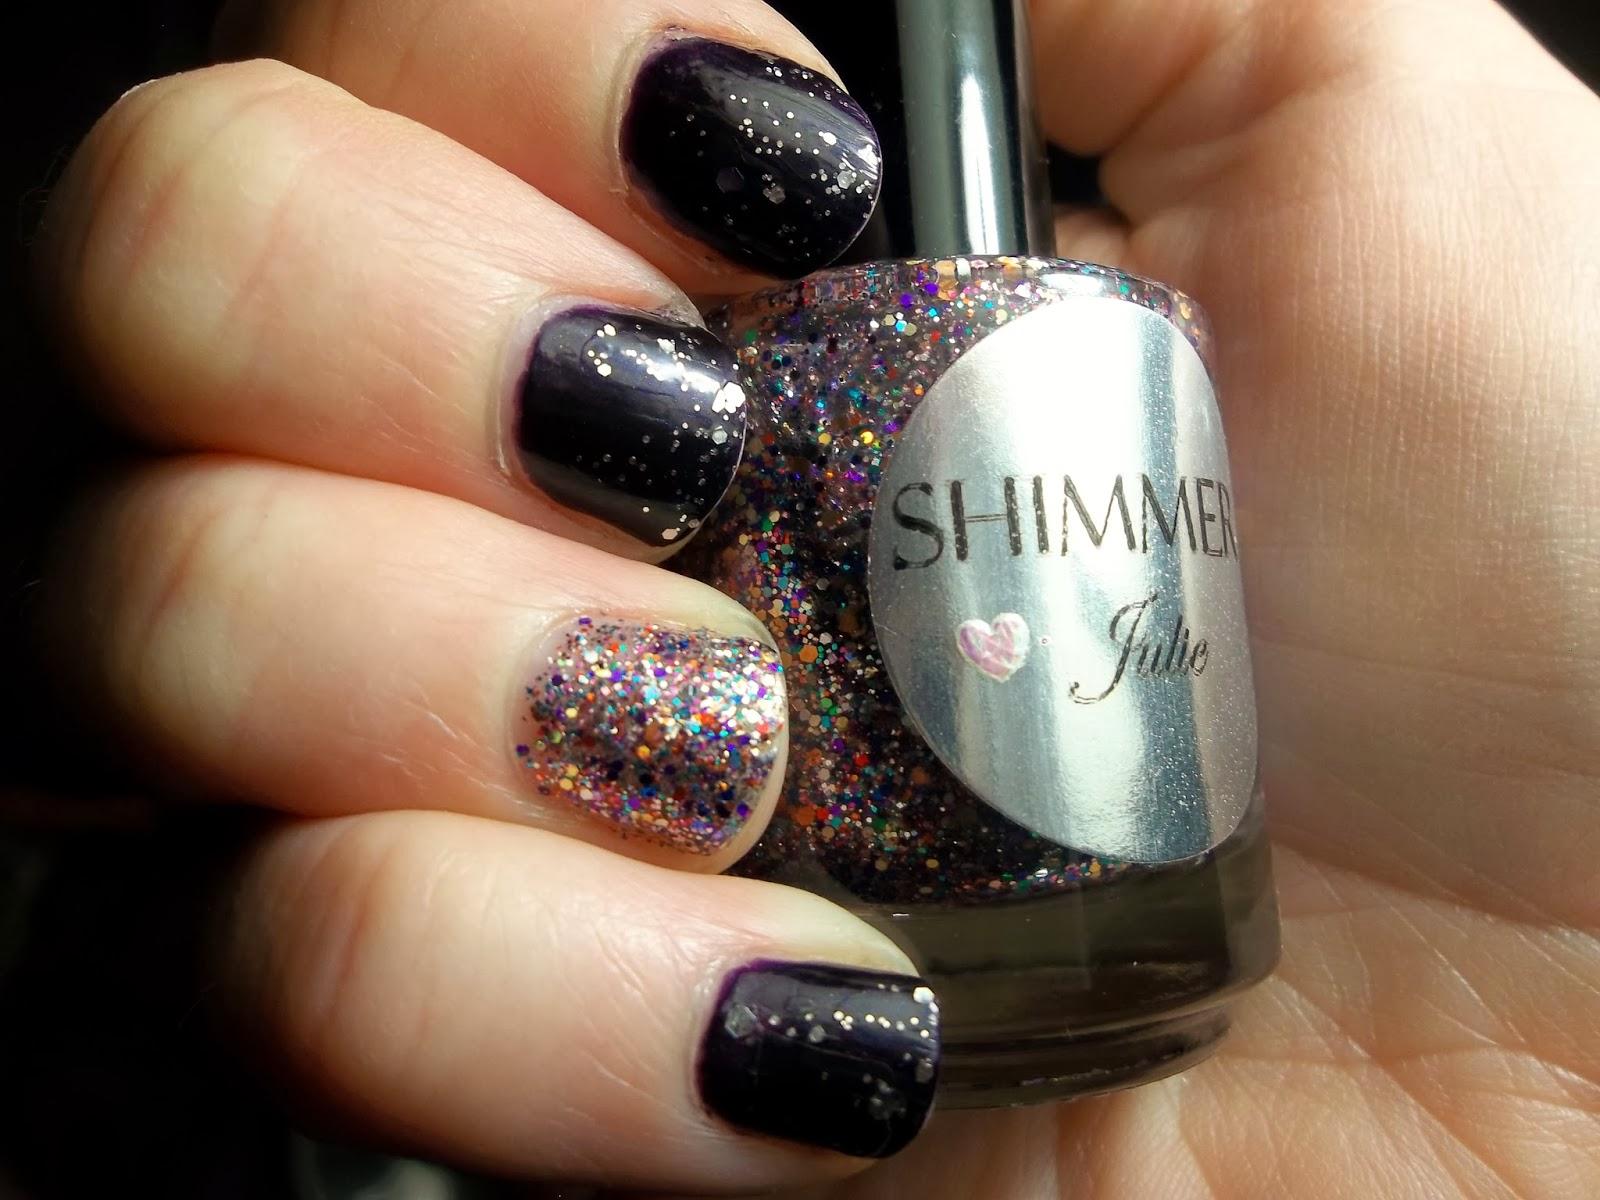 Shimmer Julie